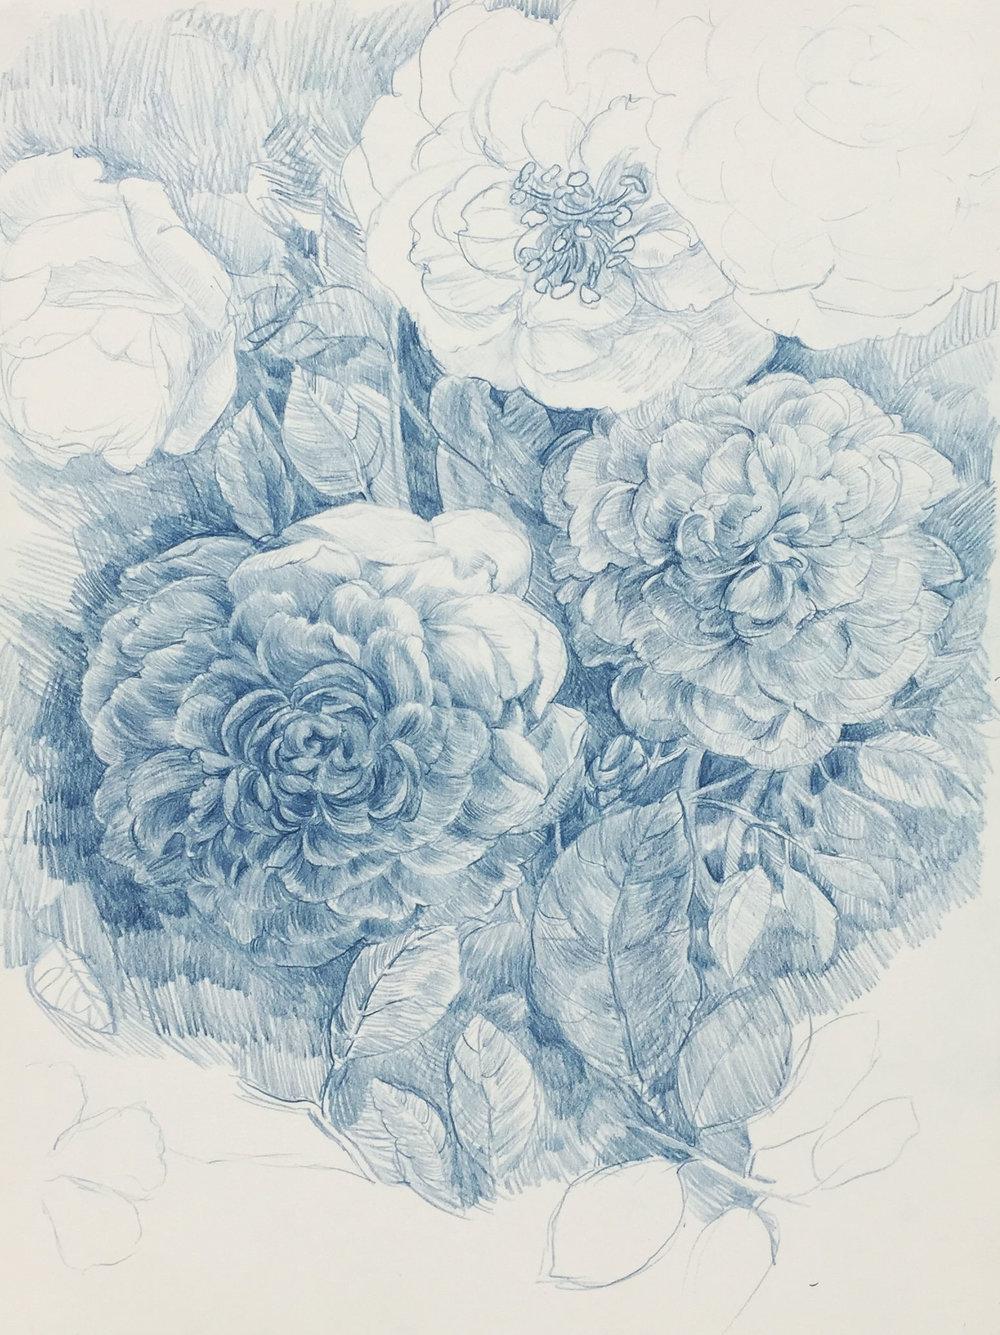 flower3-9x12'.jpg